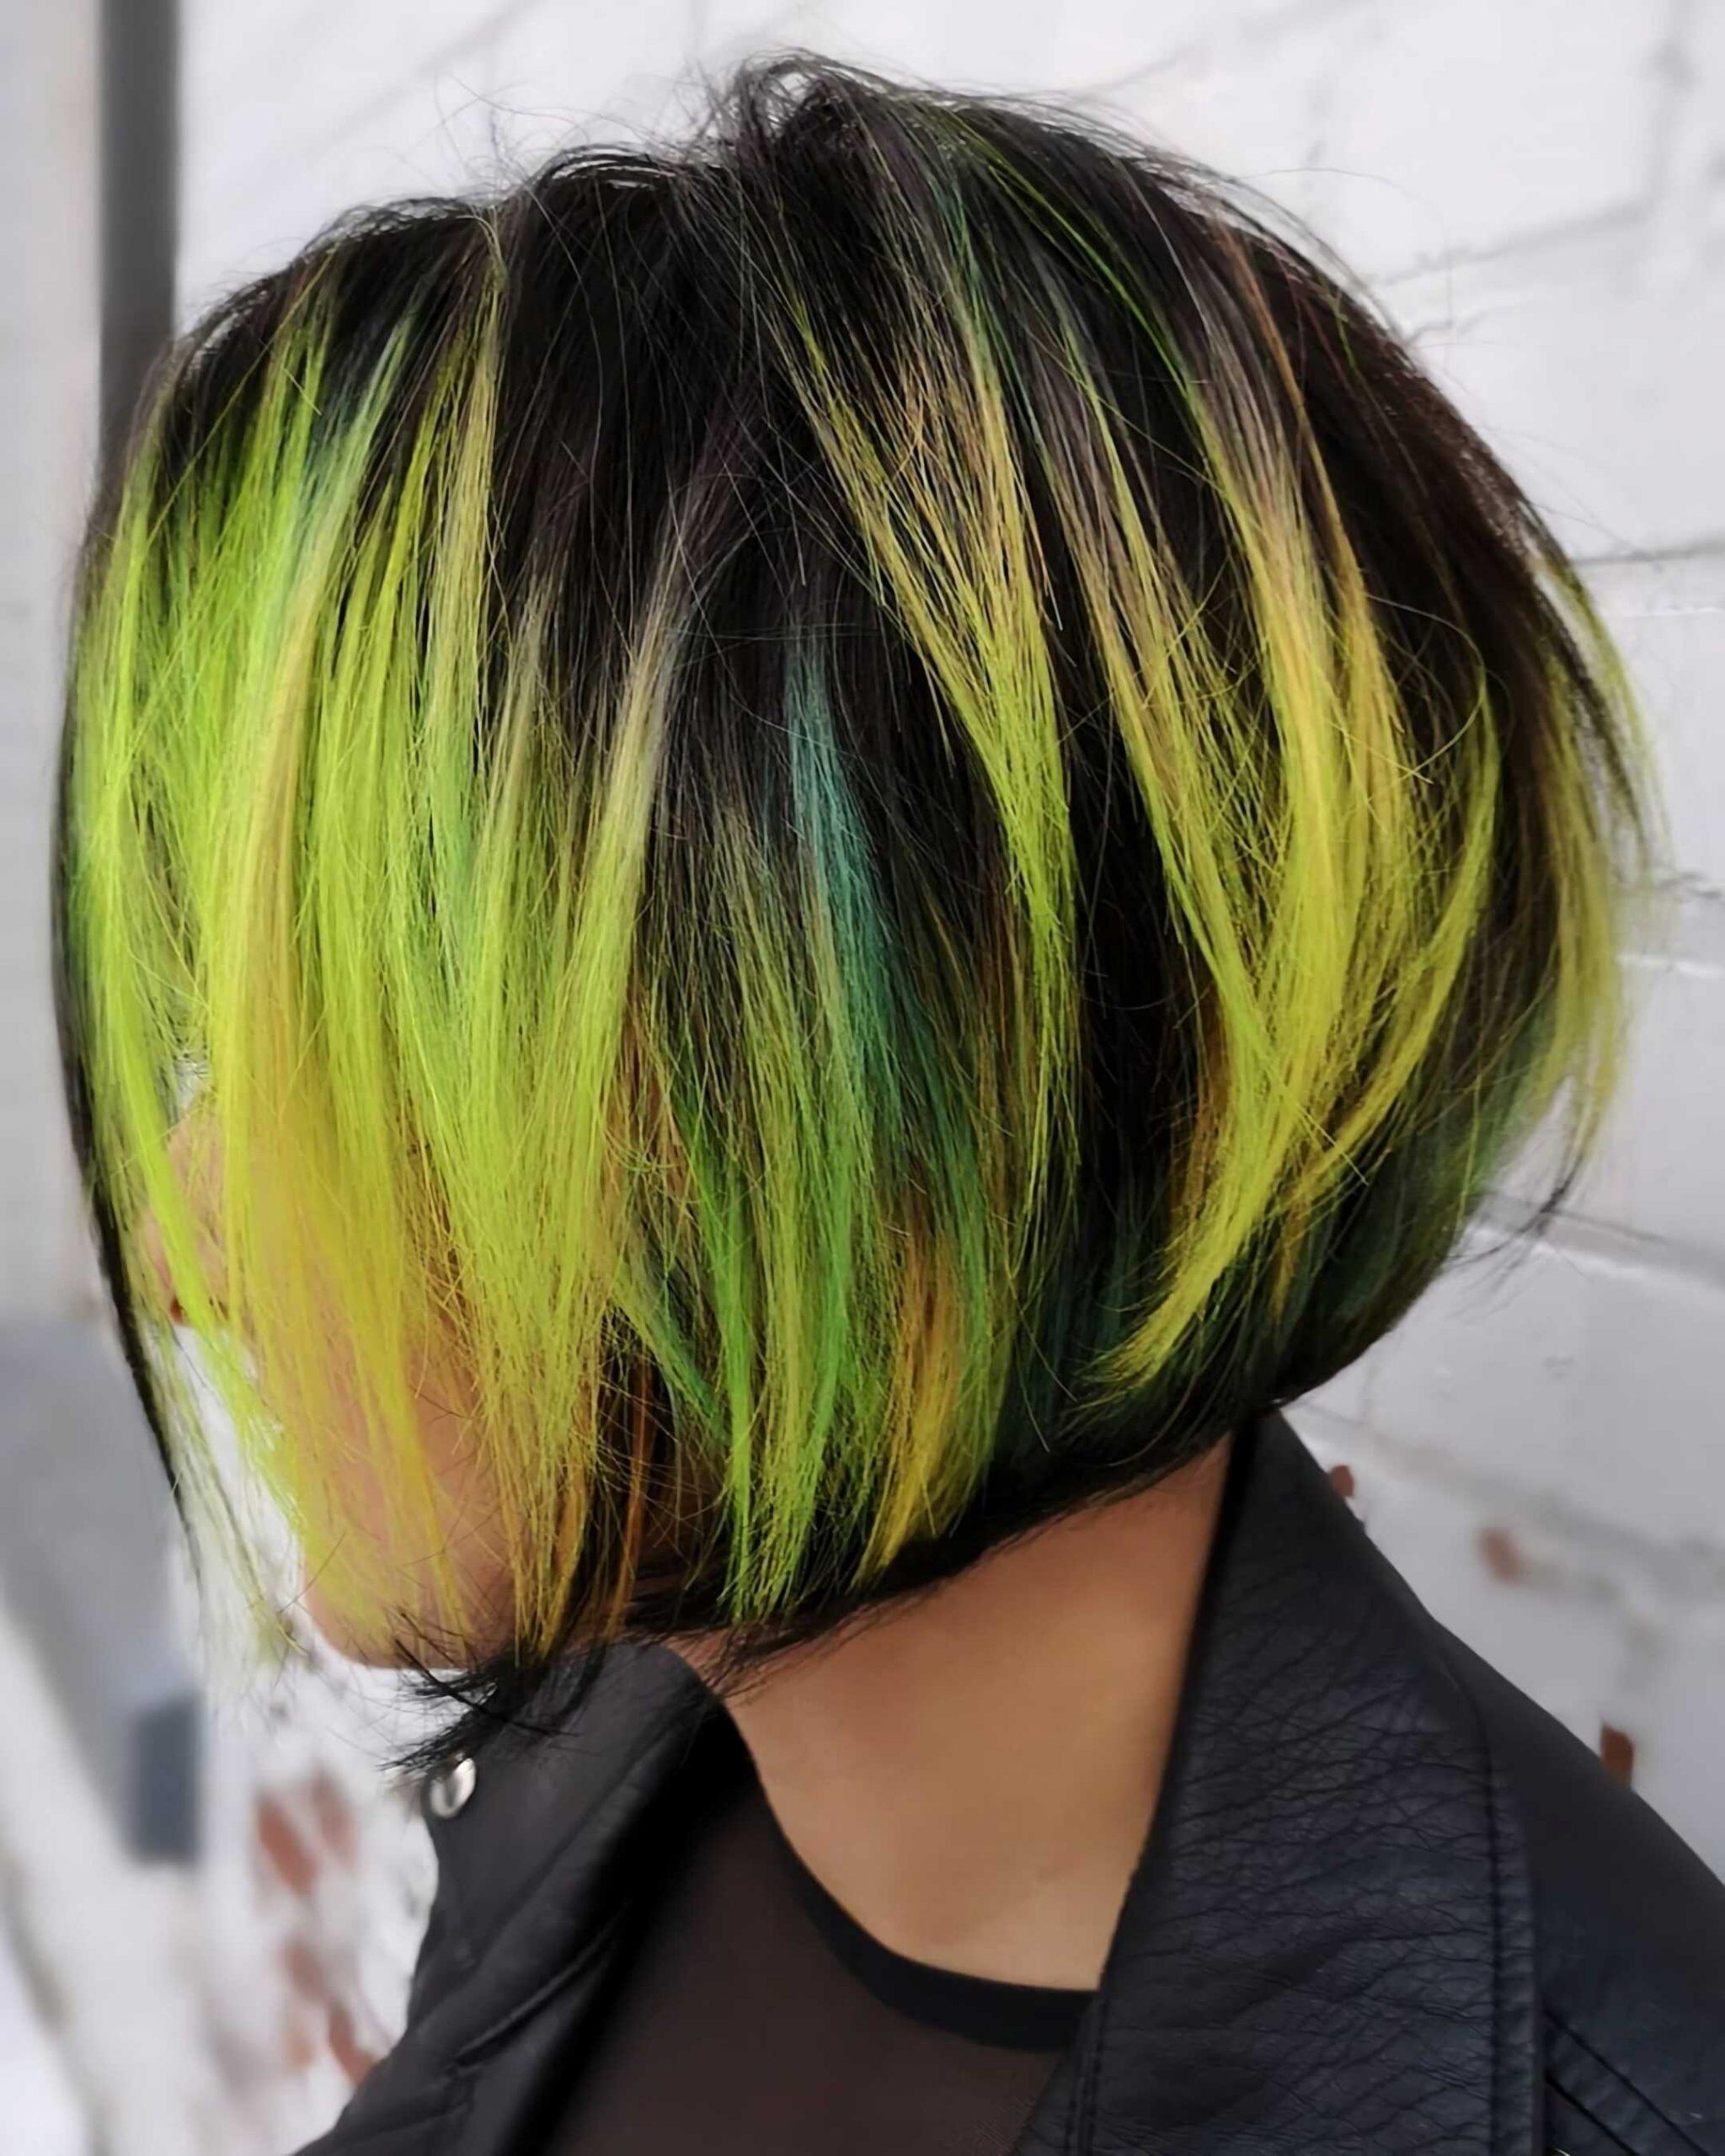 стильная стрижка боб с желтыми и зелеными волосами